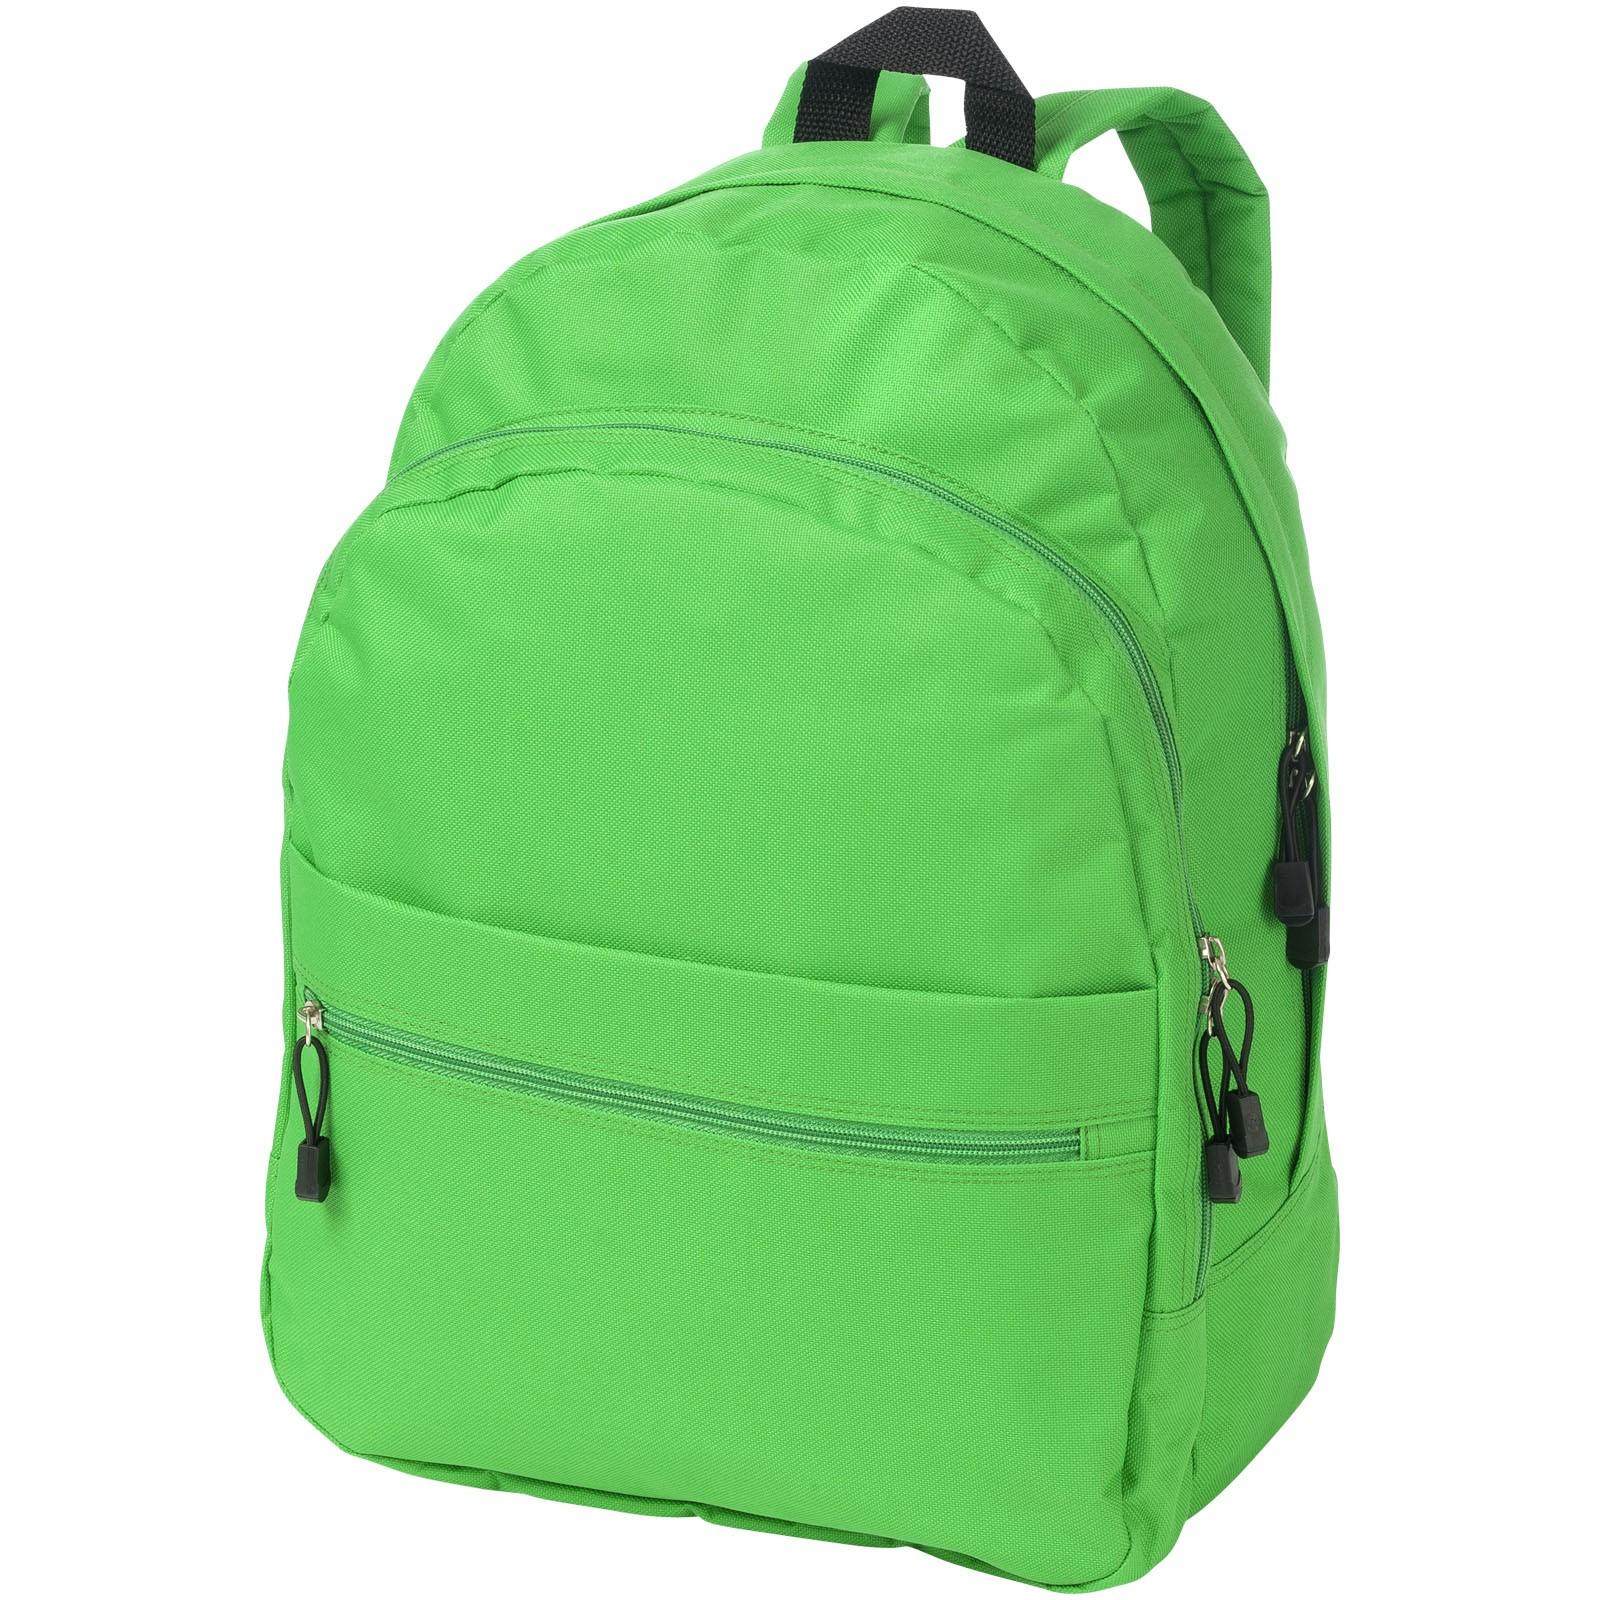 Batoh Trend - Světle zelená